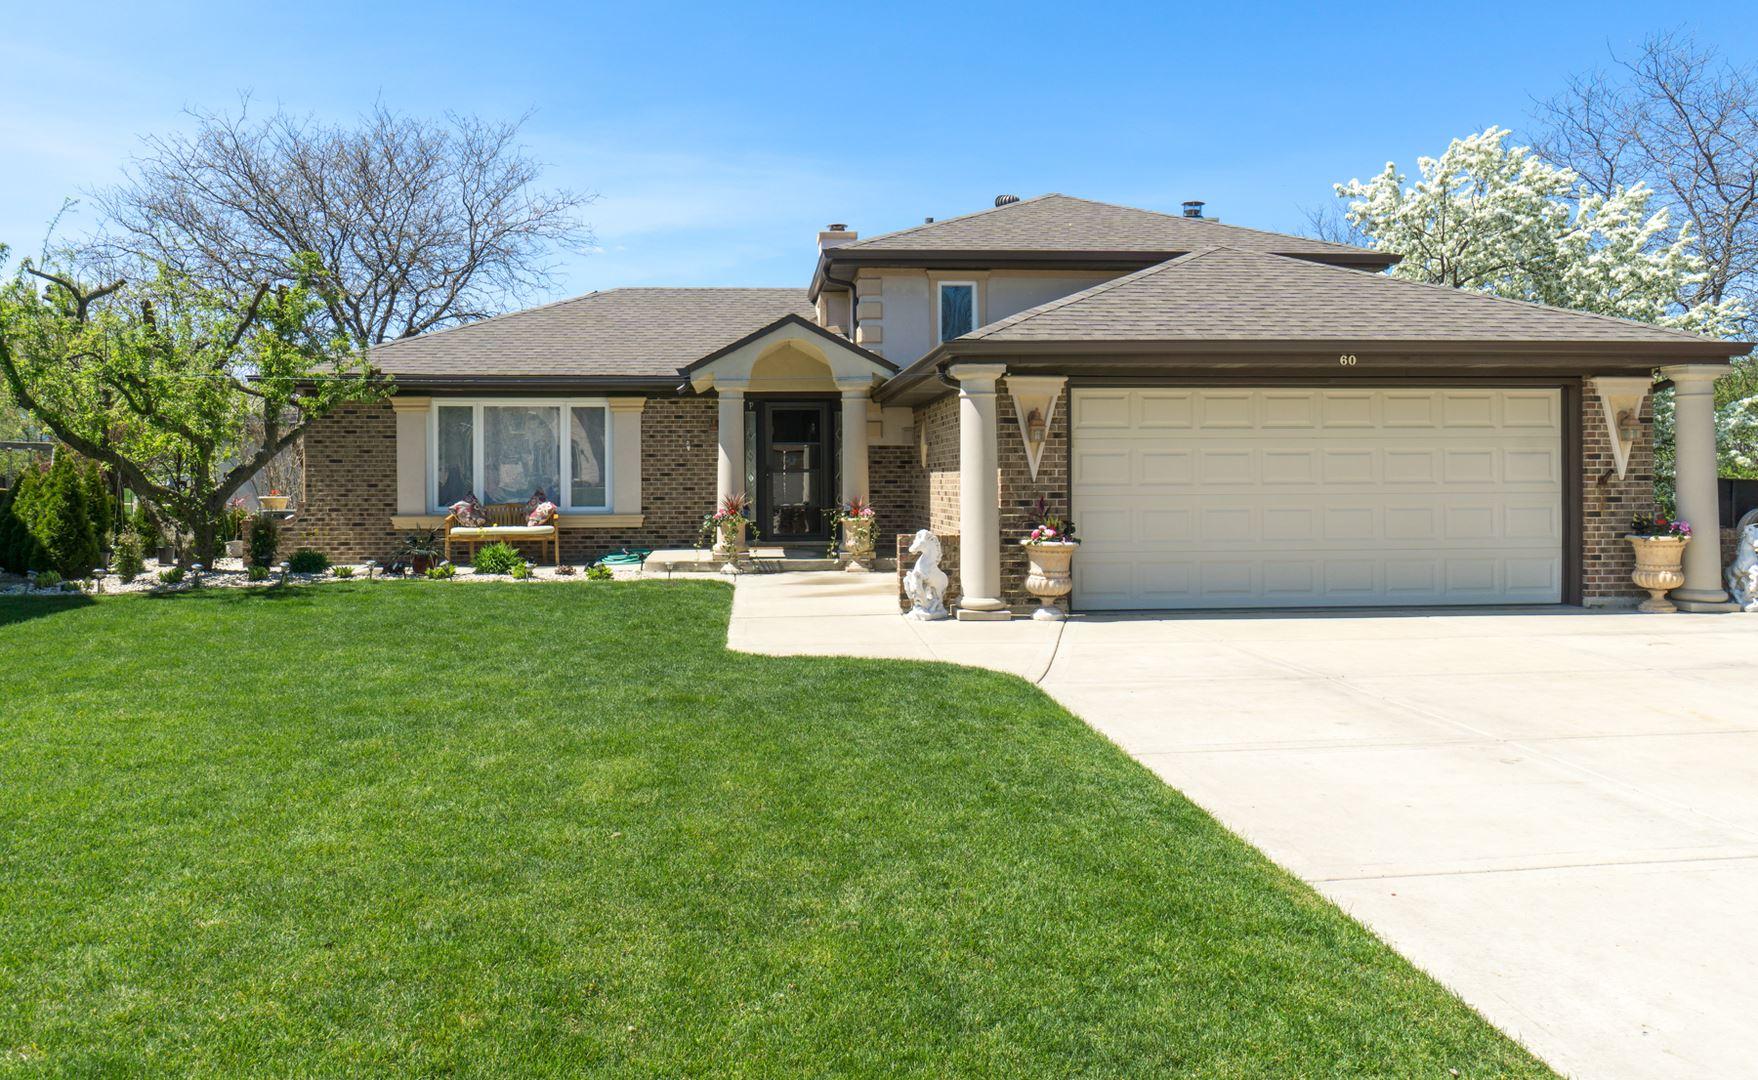 60 N Prairie Drive, Addison, IL 60101 - #: 10708855